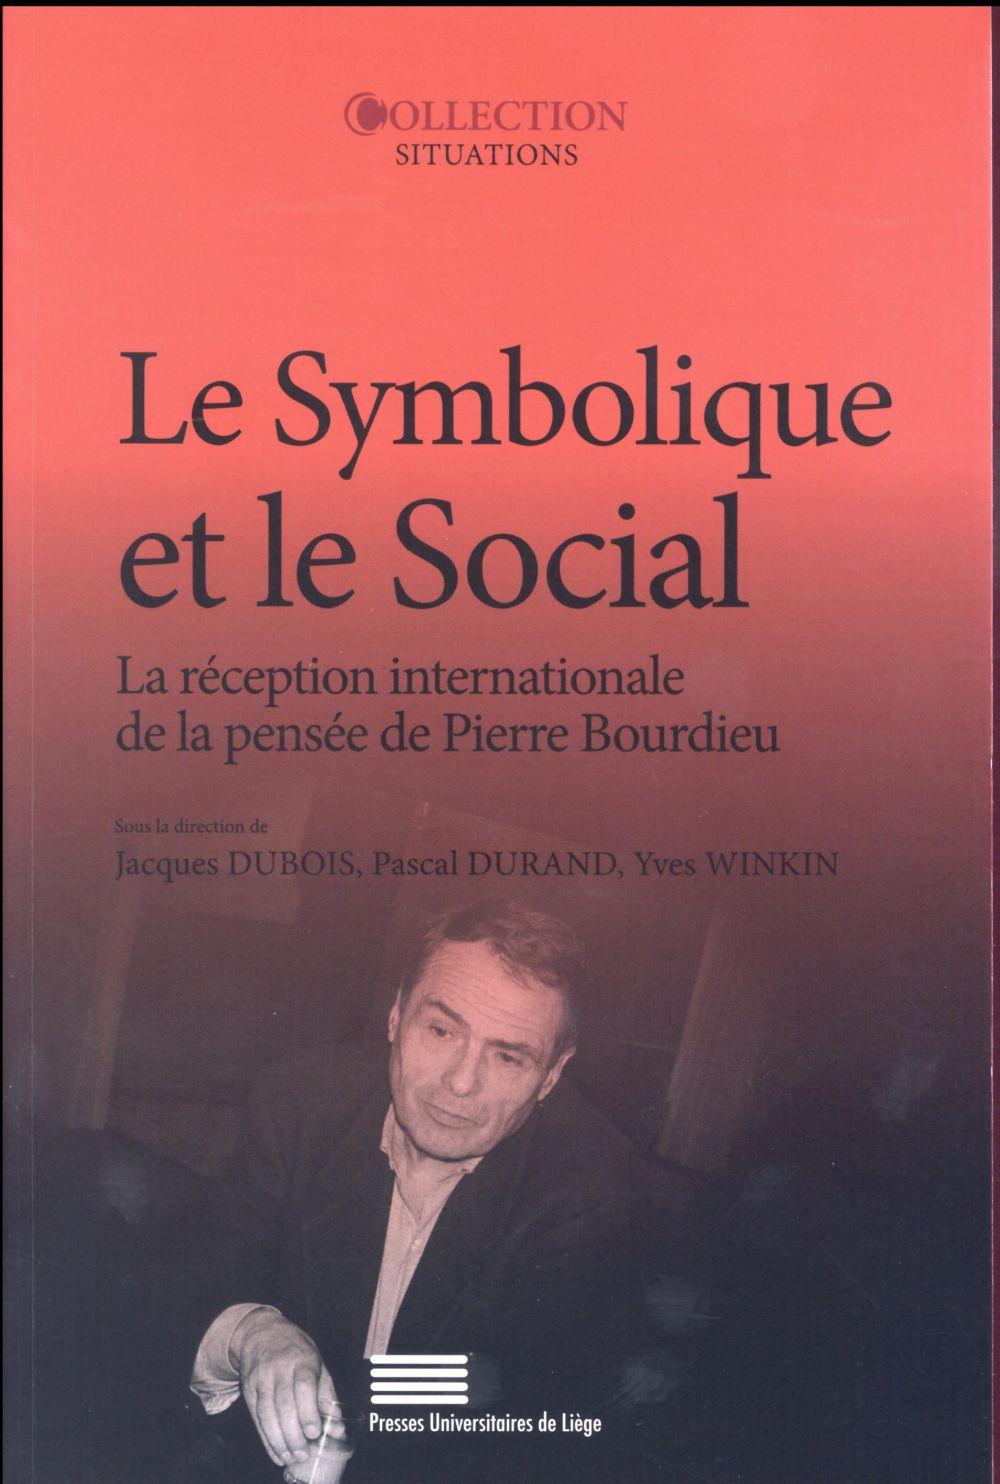 Le symbolique et le social. la reception internationale de la pensee de pierre bourdieu